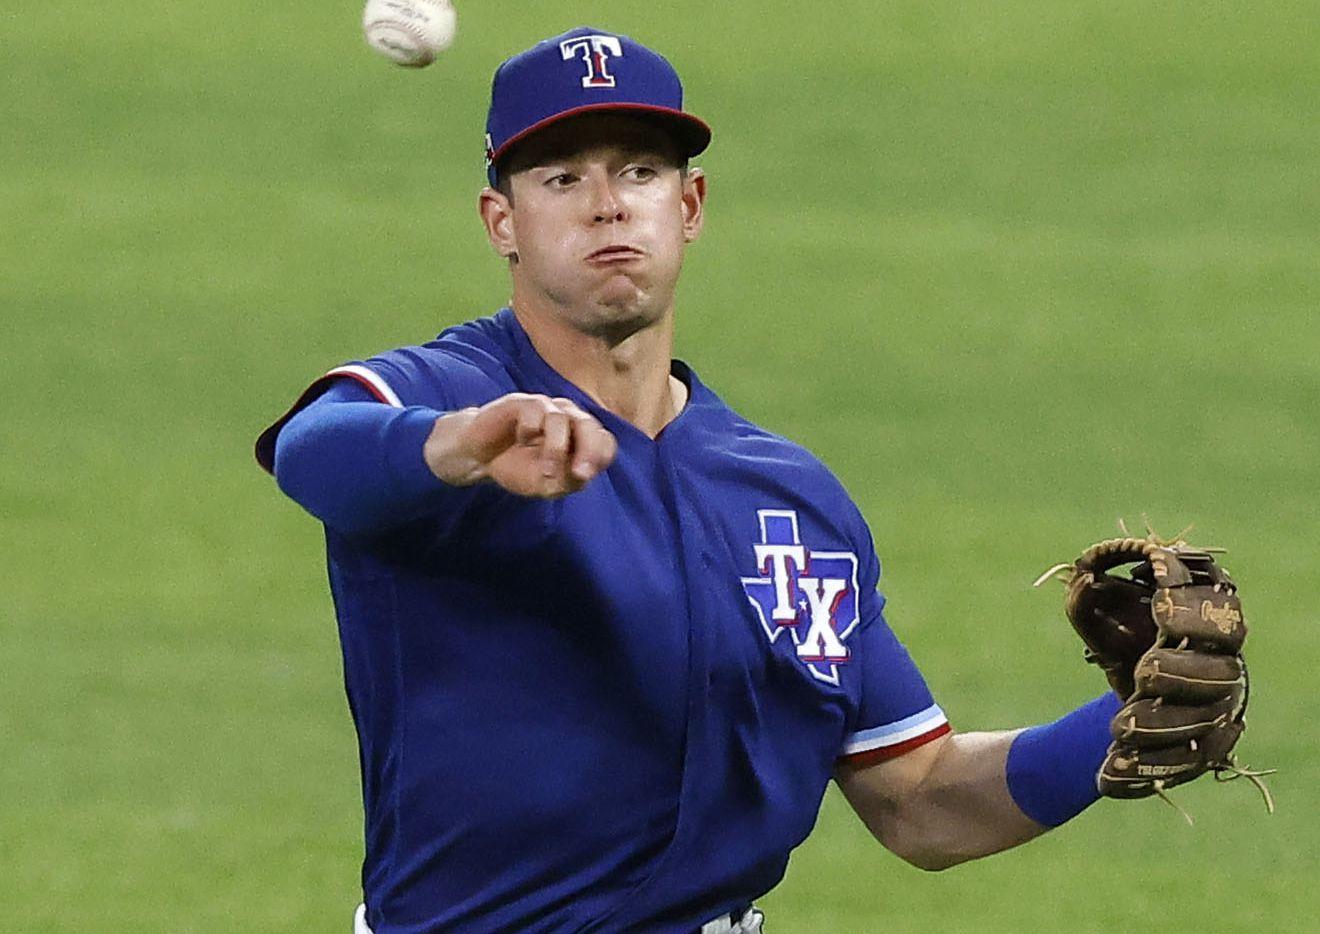 Nick Solak será el segunda base titular de los Rangers de Texas en el inicio de la temporada 2021 de las Grandes Ligas.